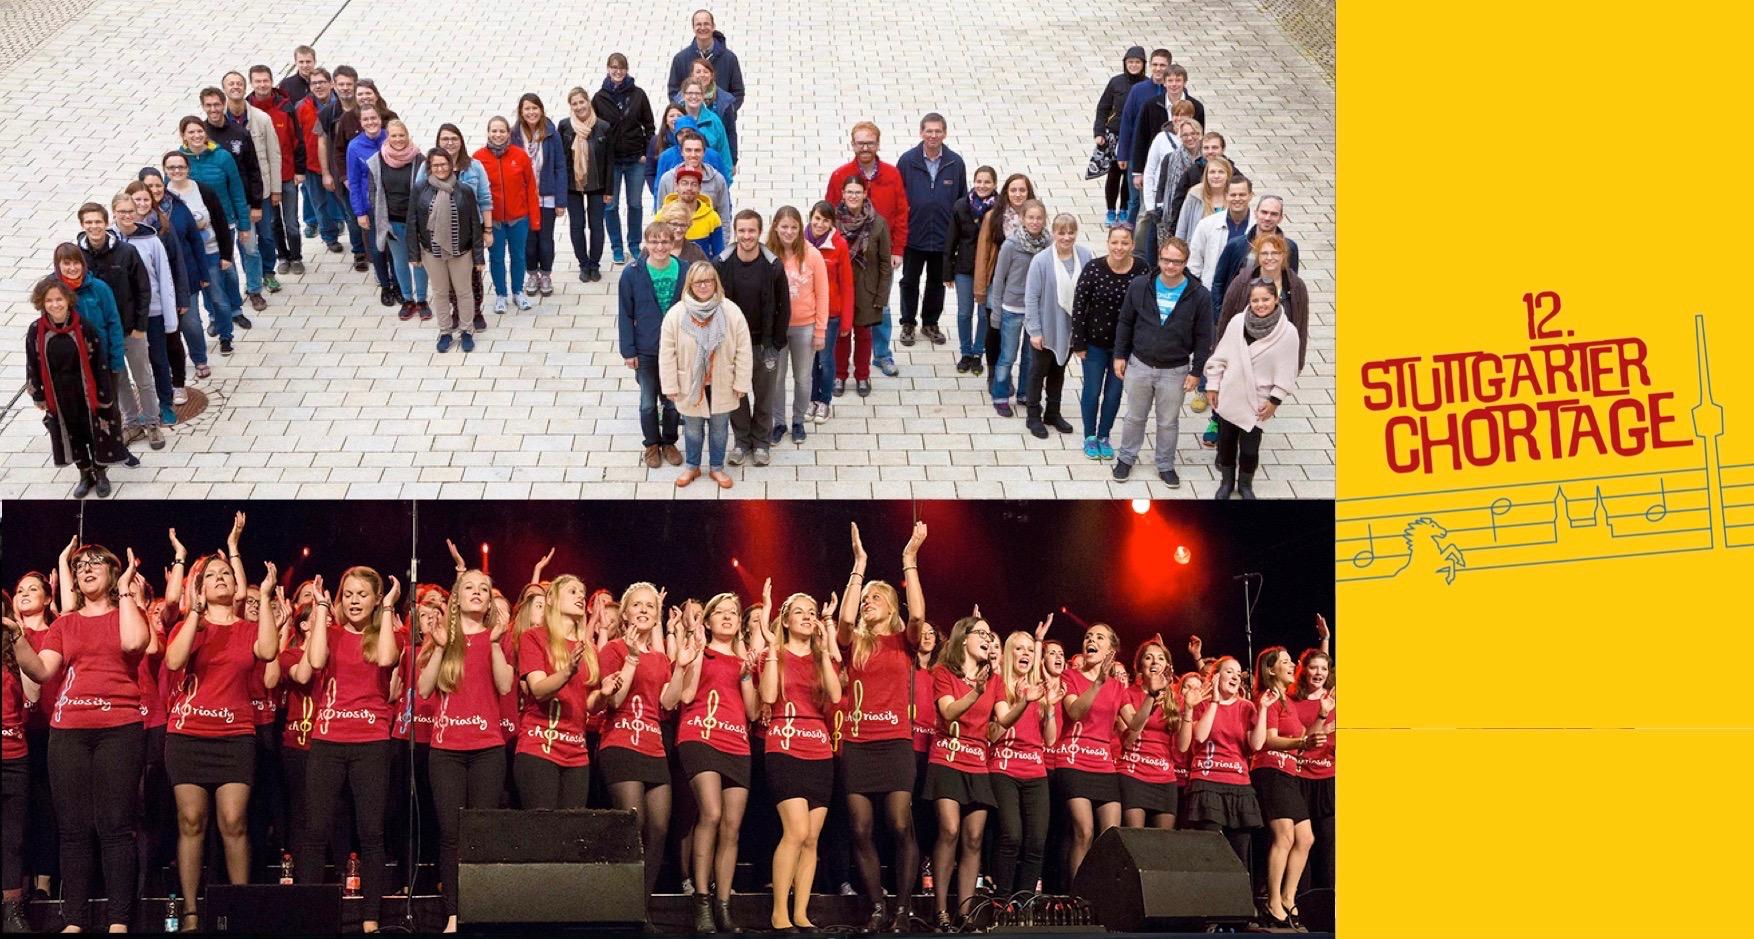 Chor vs. Chor – im Rahmen der 12. Stuttgarter Chortage › Singen und ...